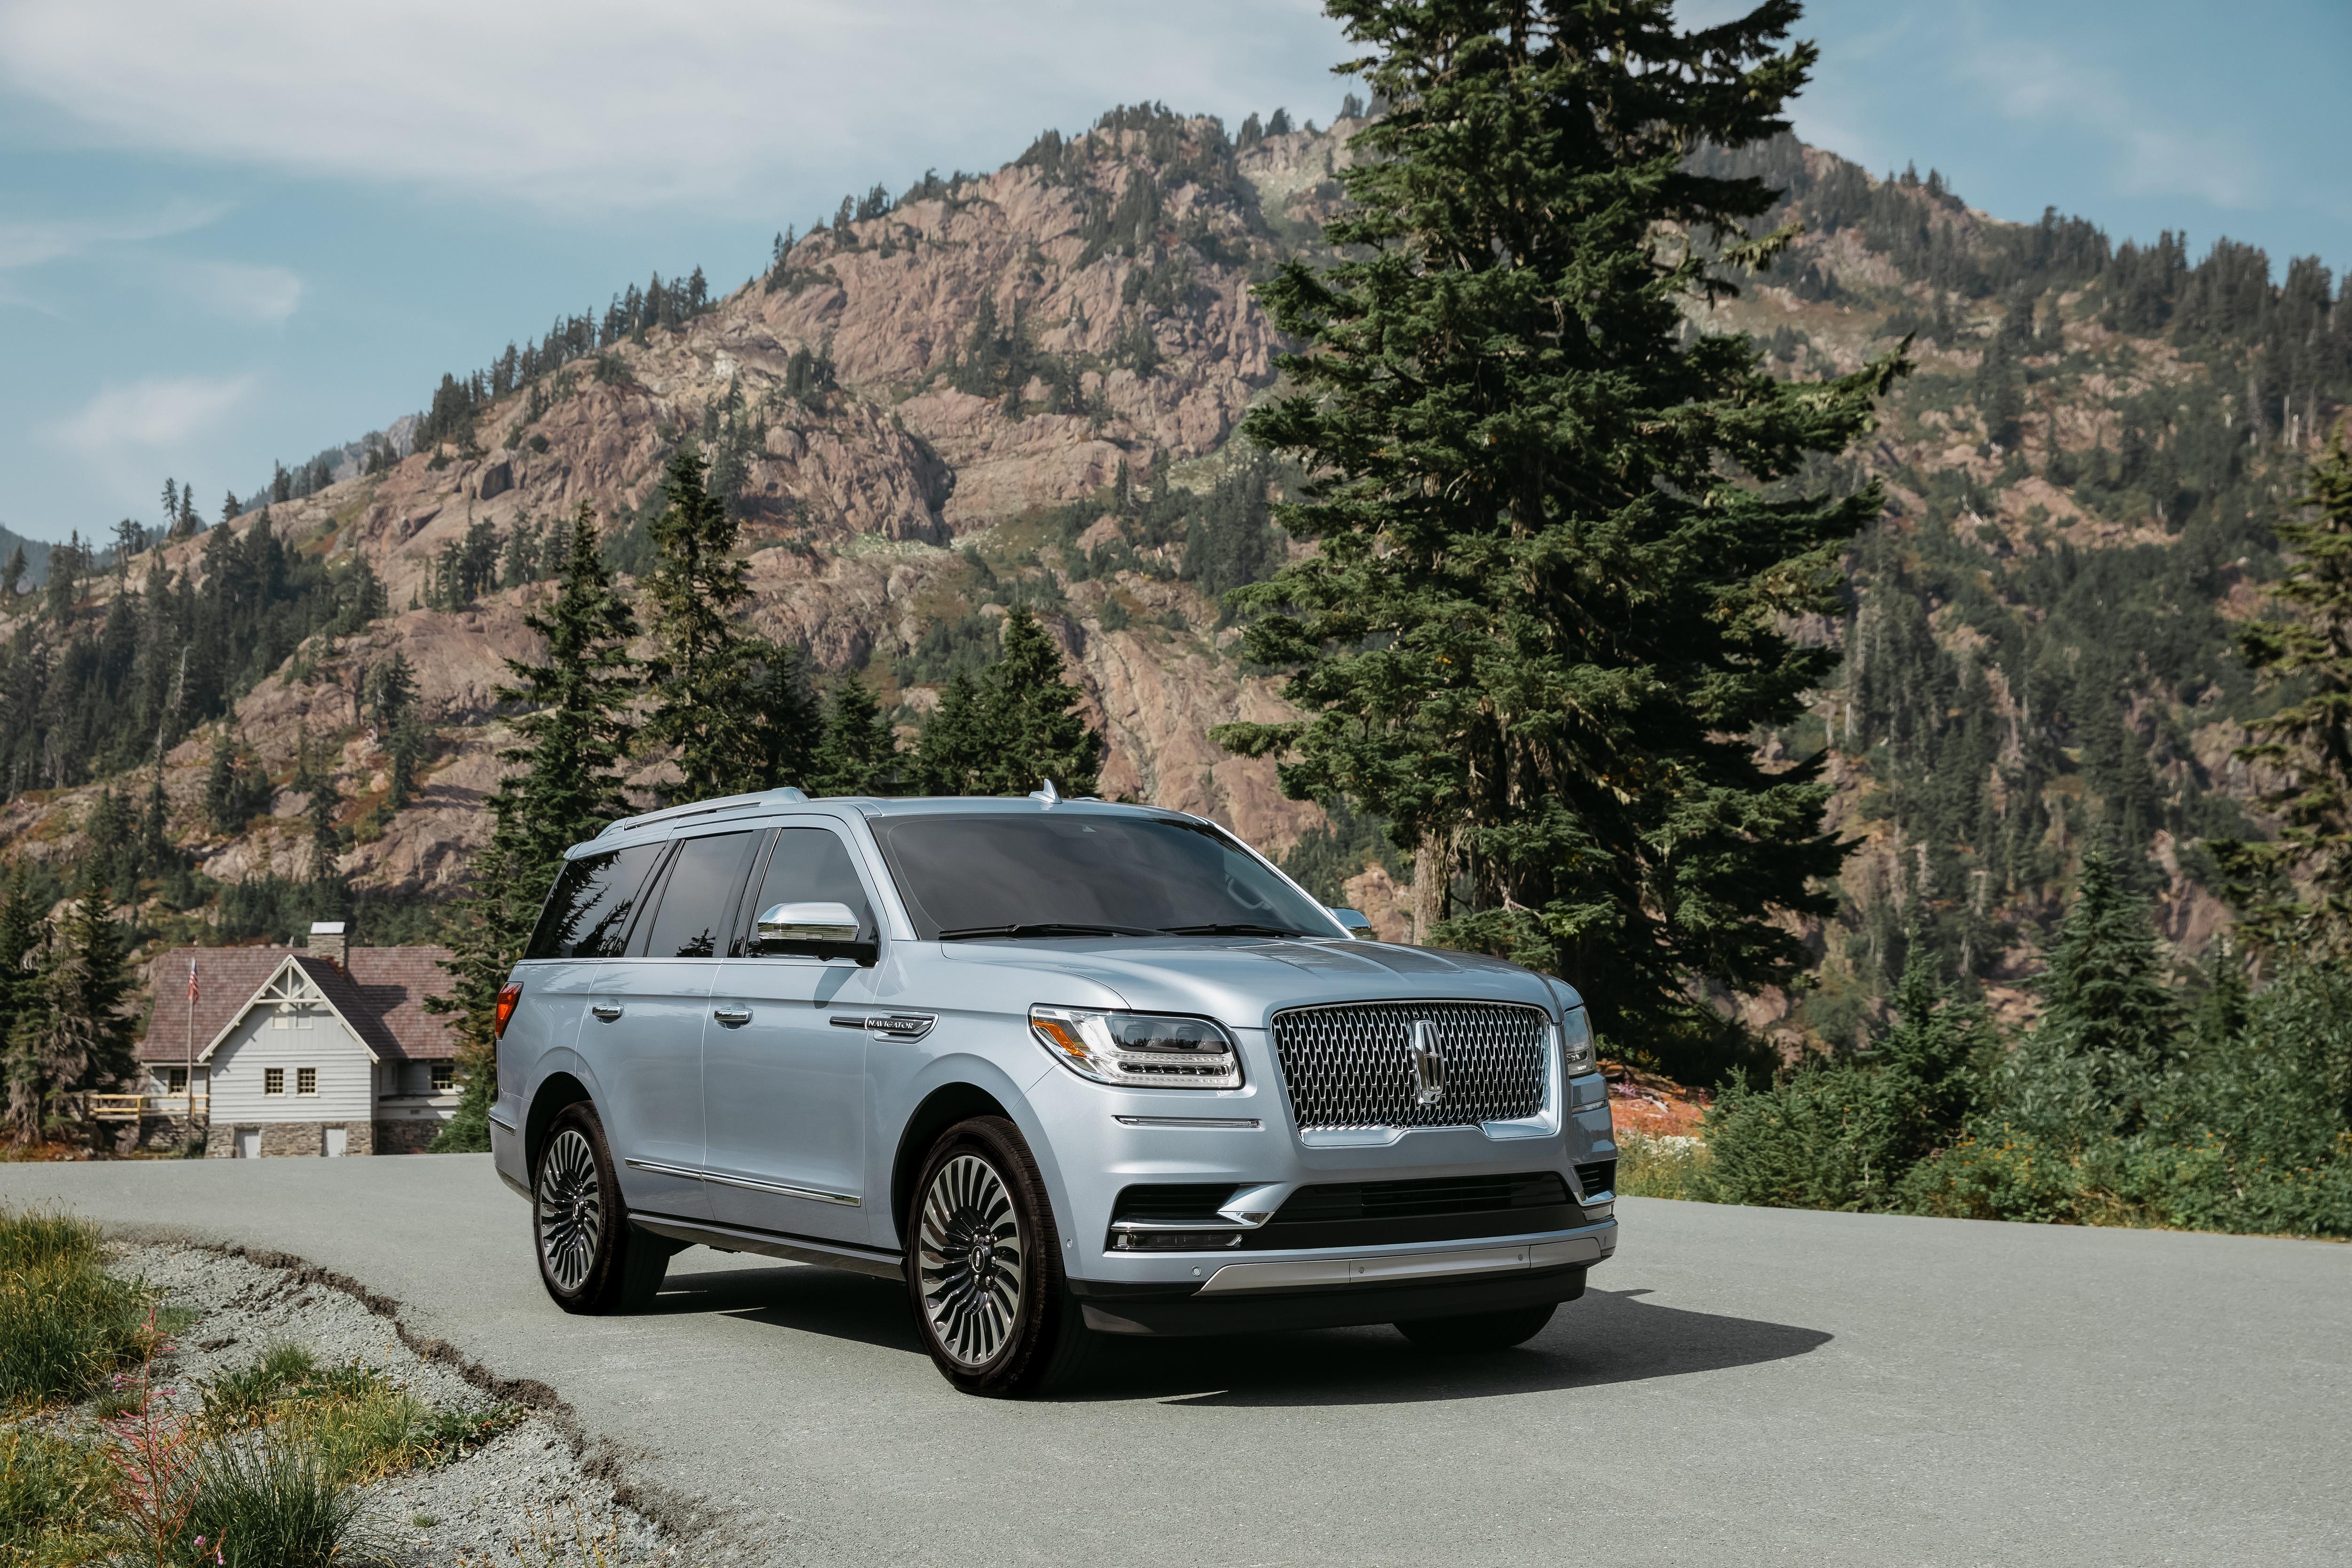 2020 Lincoln Navigator Comparison